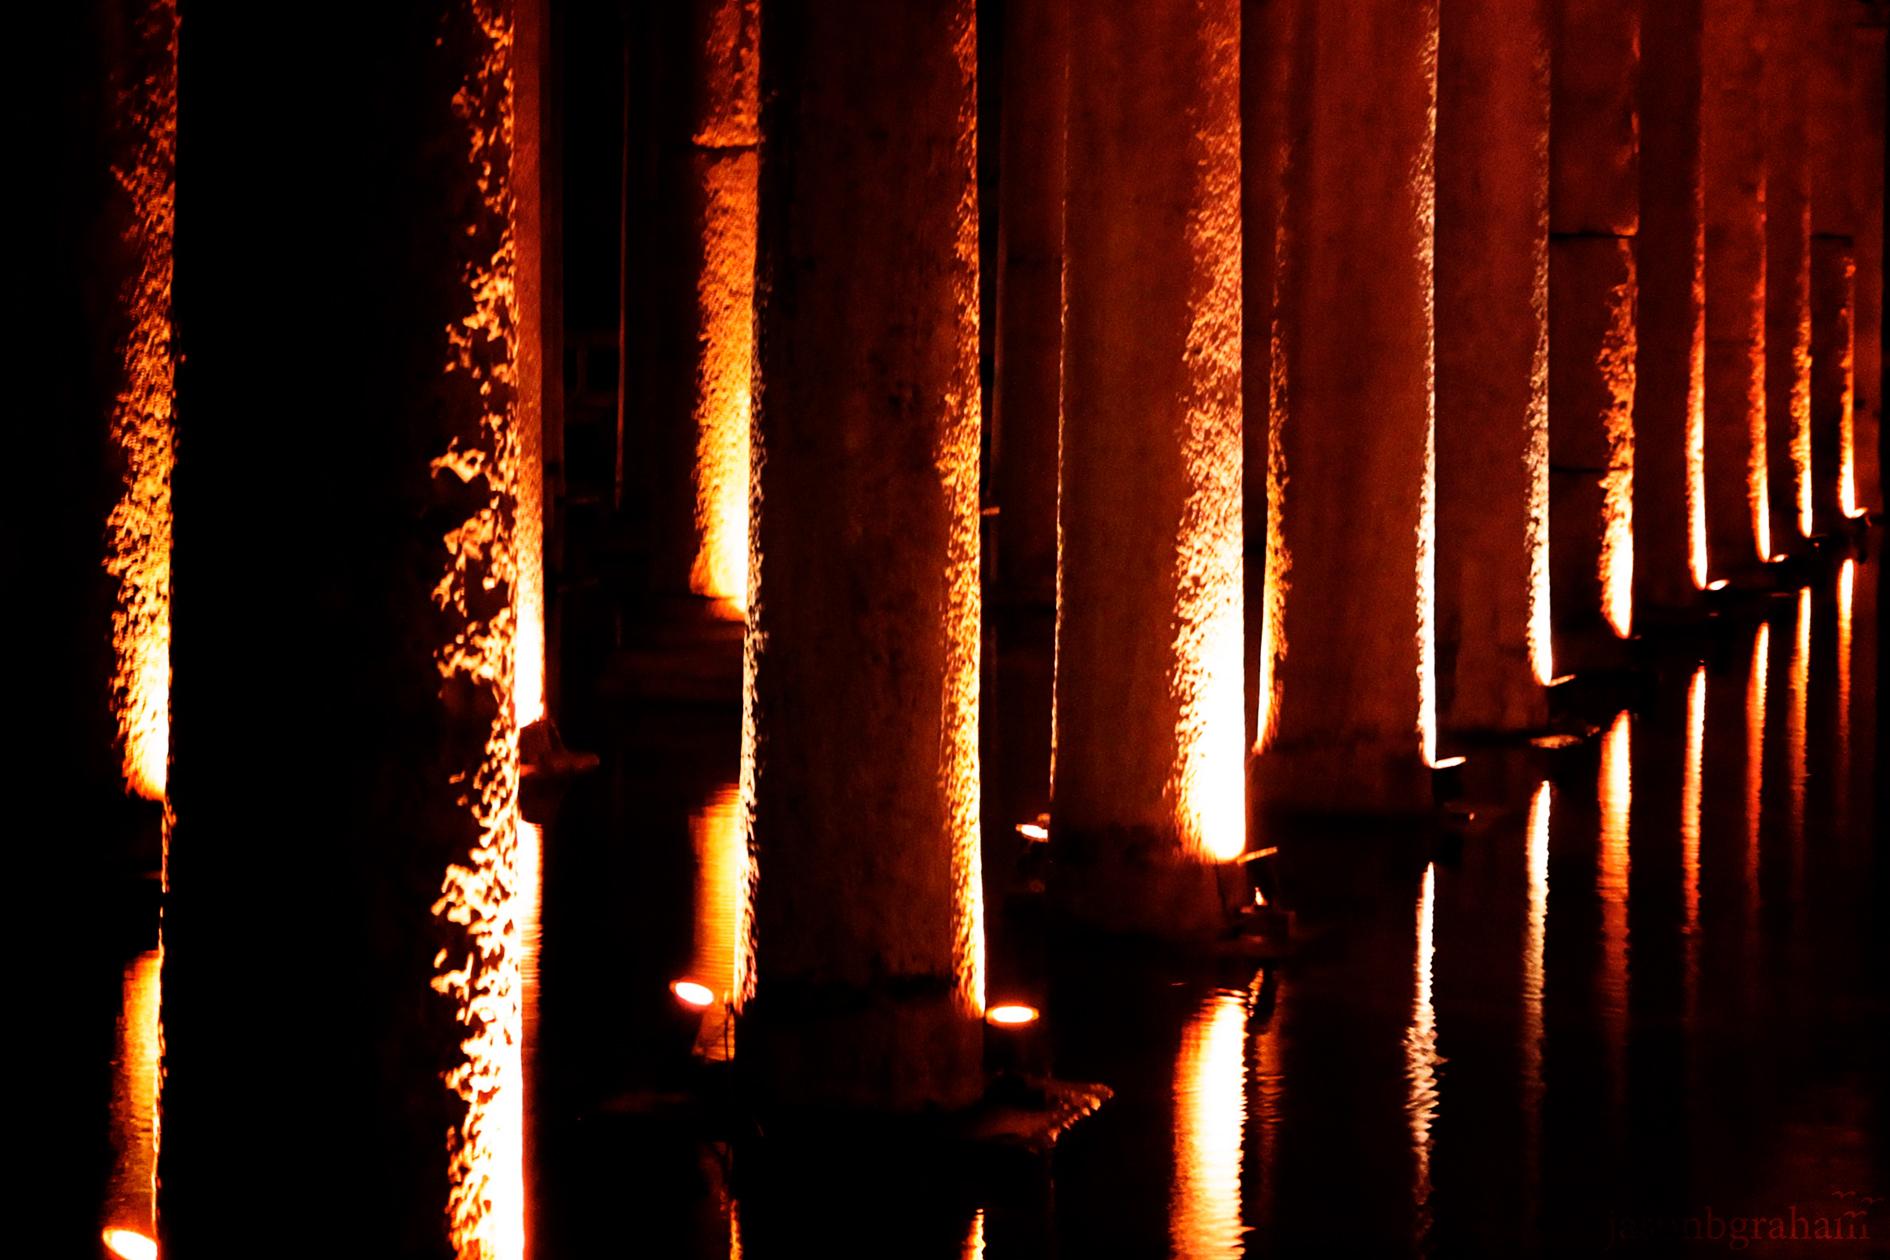 basilica-cistern-4158